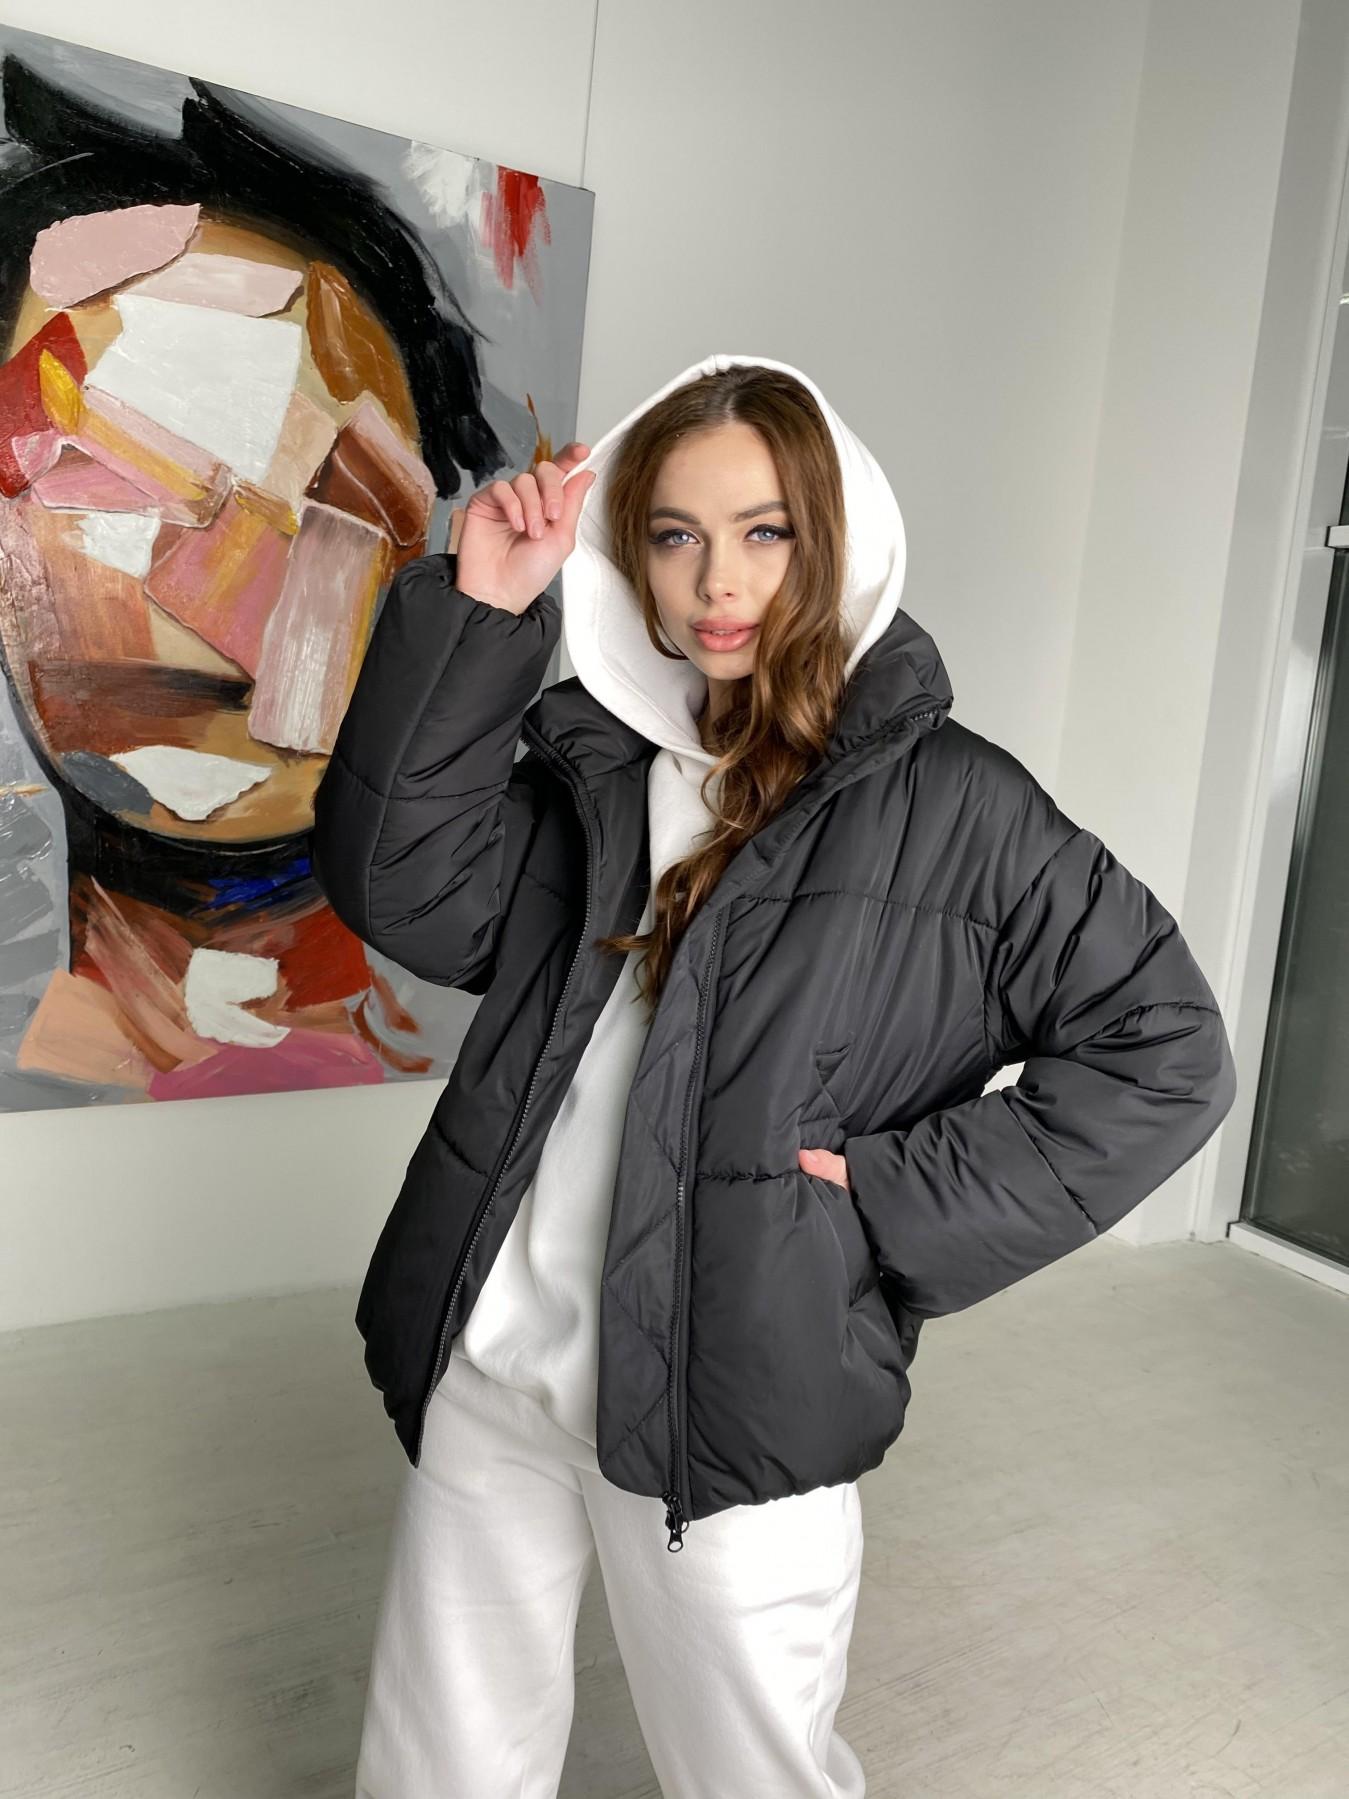 Муд куртка из плащевой ткани 10509 АРТ. 46854 Цвет: Черный - фото 1, интернет магазин tm-modus.ru